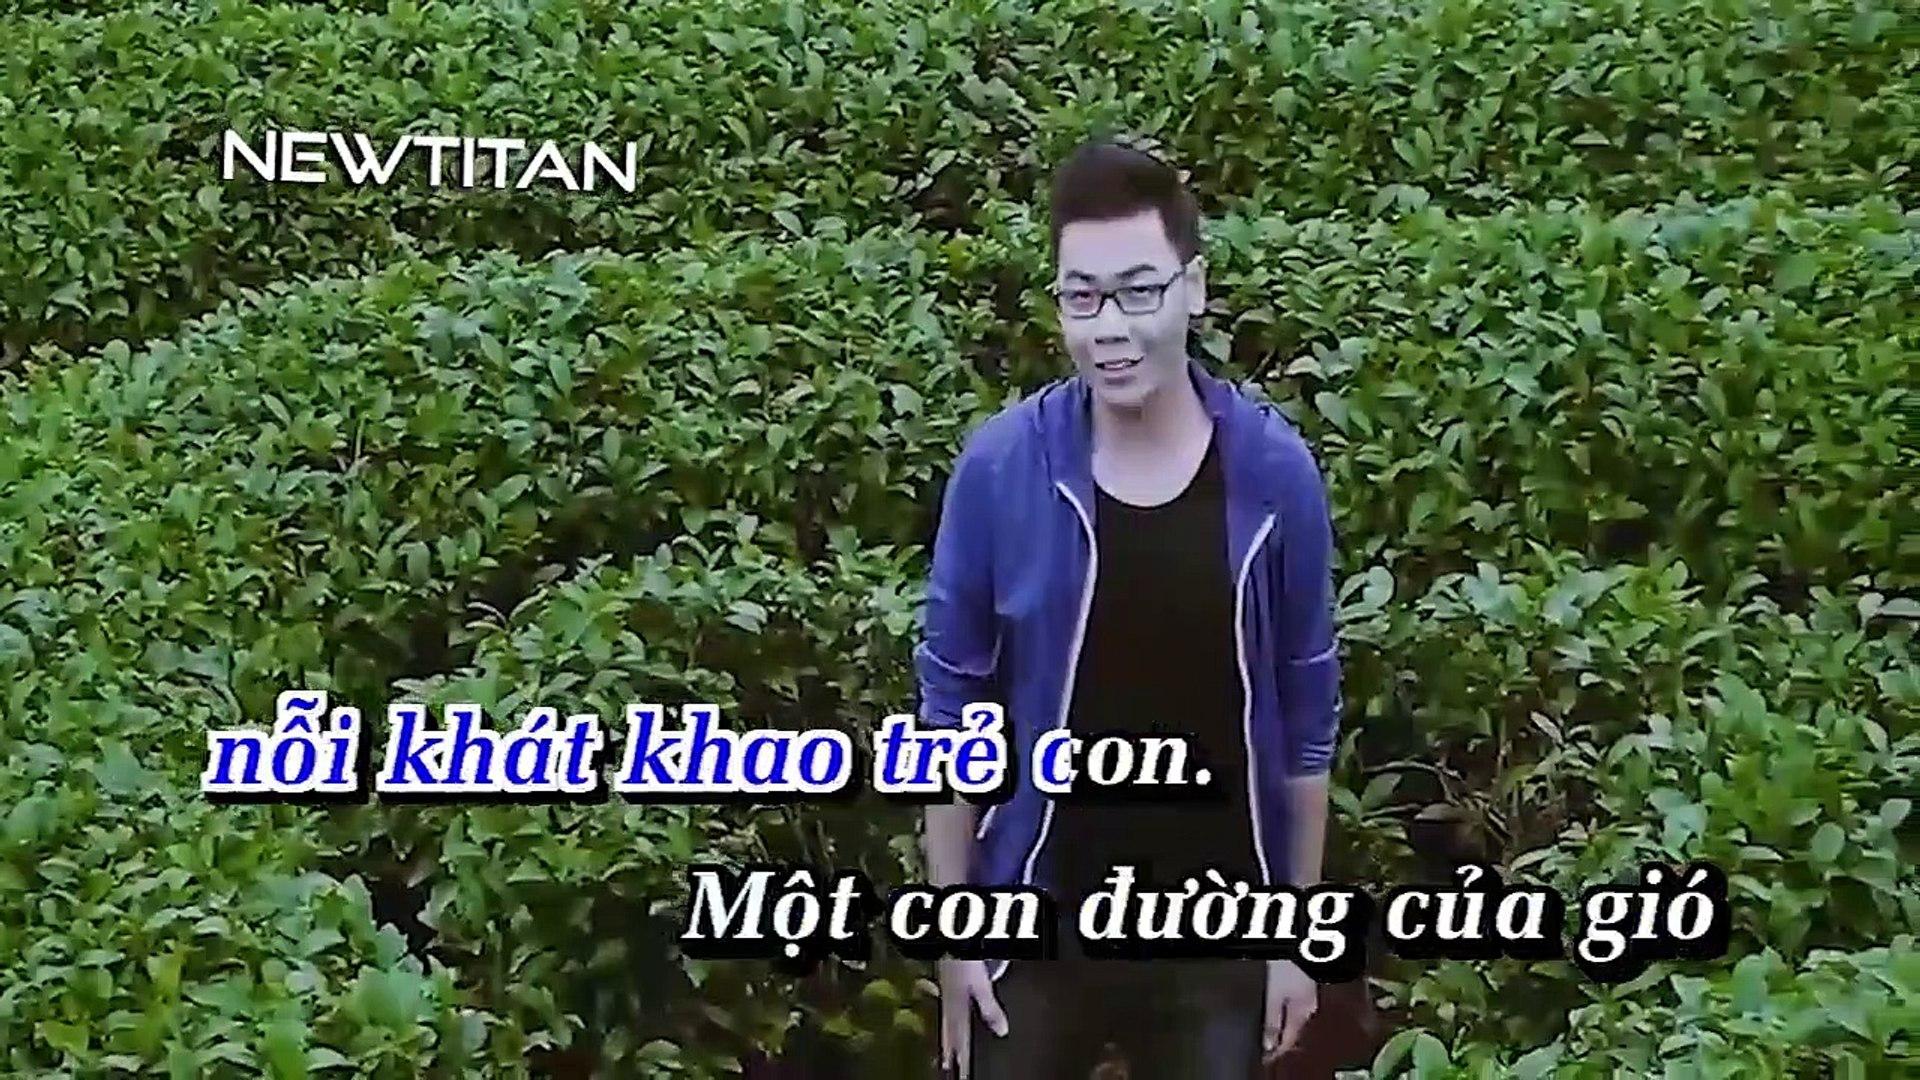 [Karaoke] Con Đường Của Gió - Hamlet Trương [Beat]